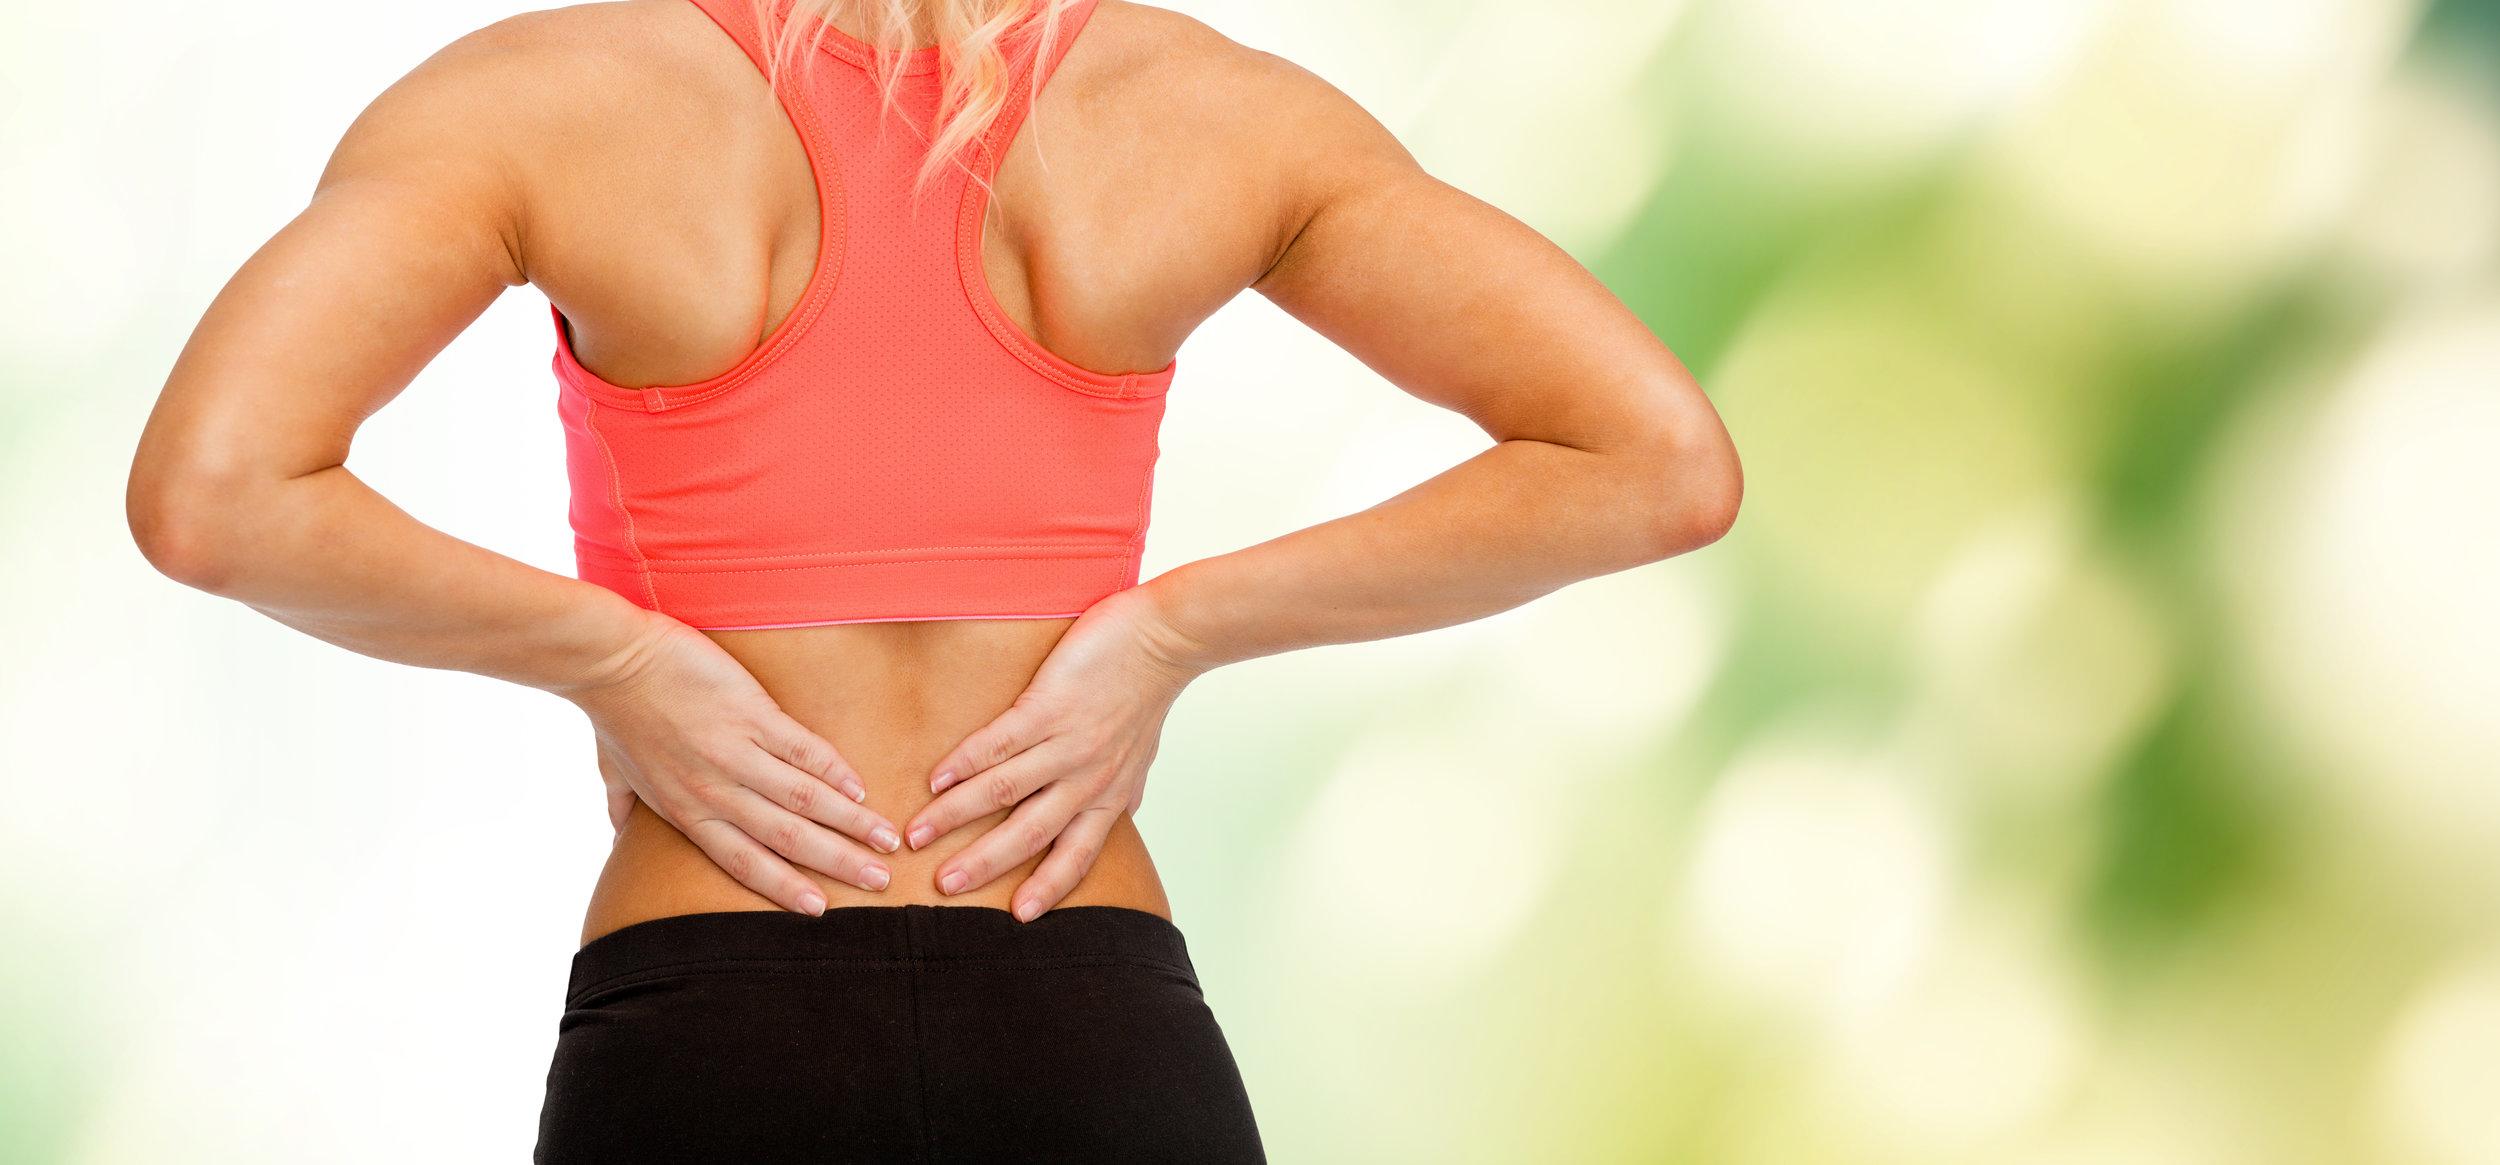 SRT for back pain